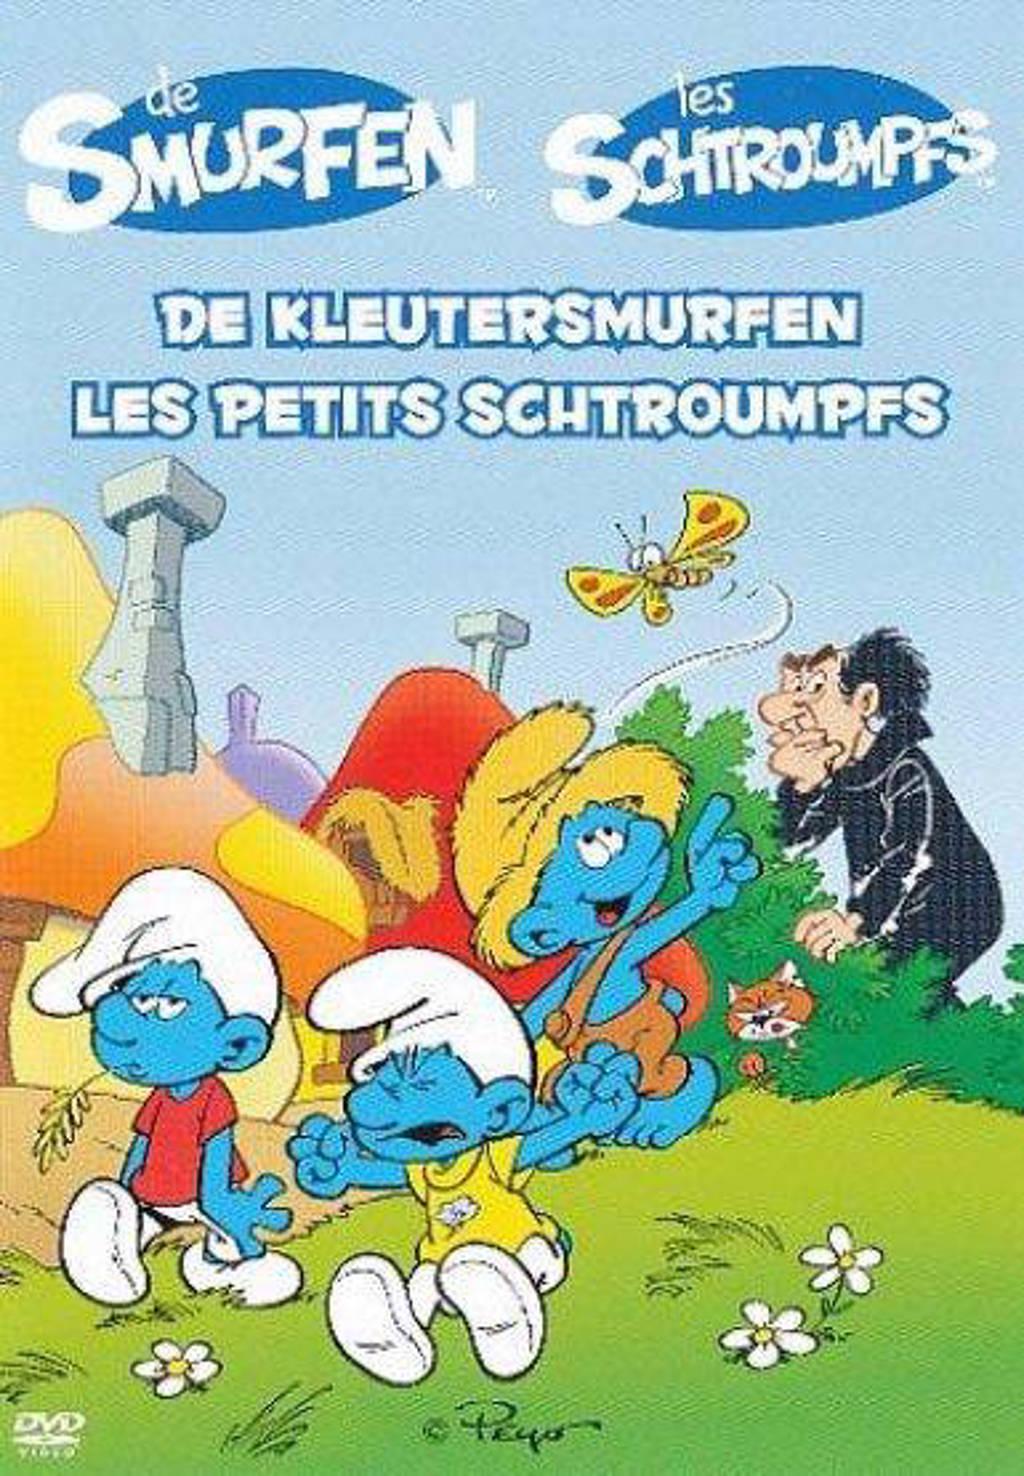 Smurfen - De kleutersmurfen (DVD)